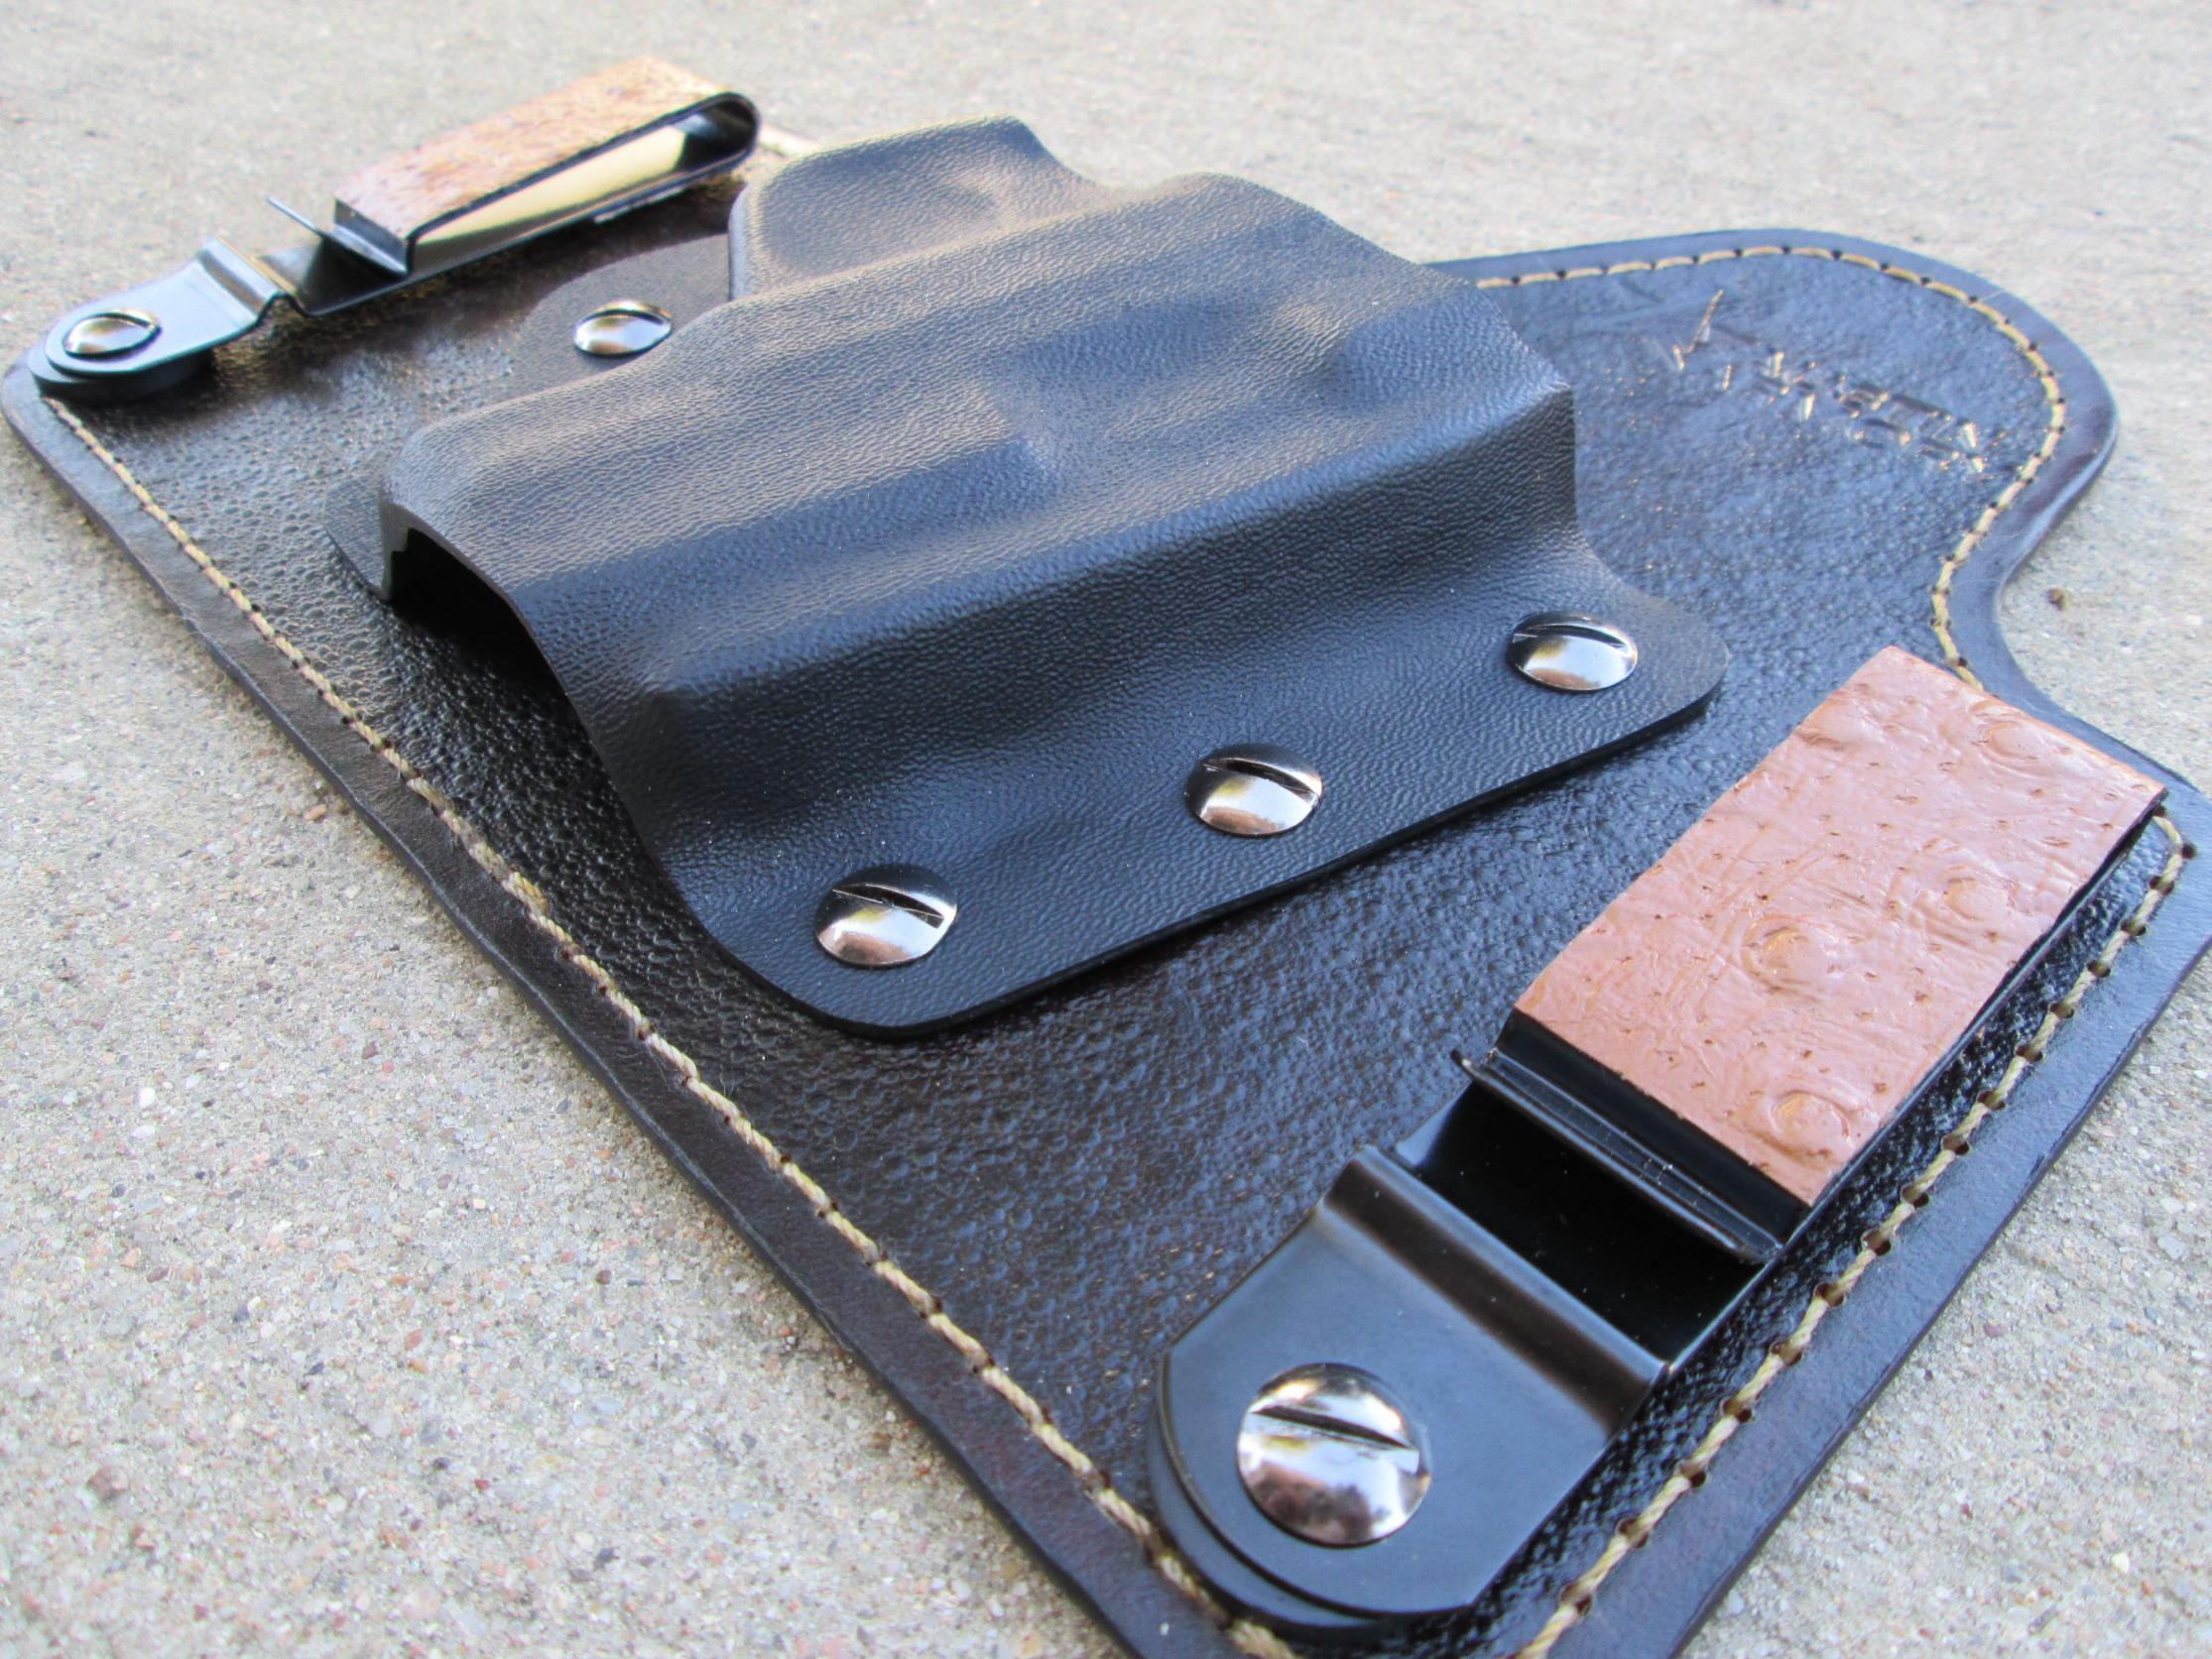 New Holster Options for 2014-iwb-custom-holster-carry-005smaller.jpg